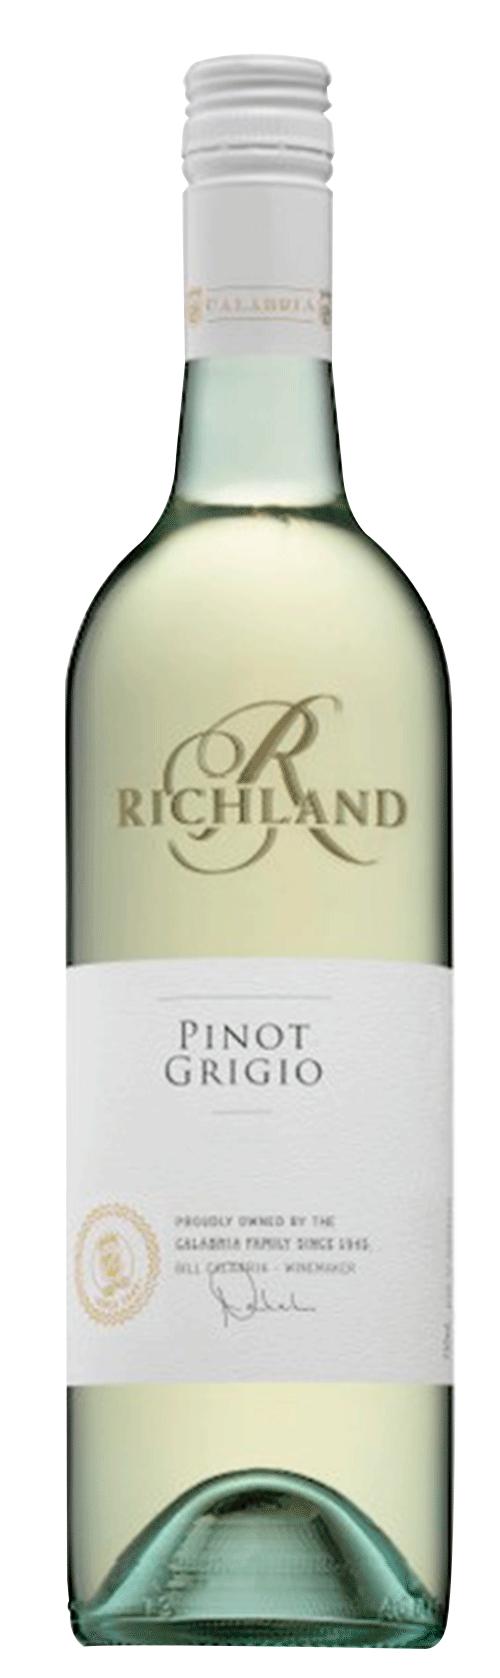 Richland Pinot Grigio 2018